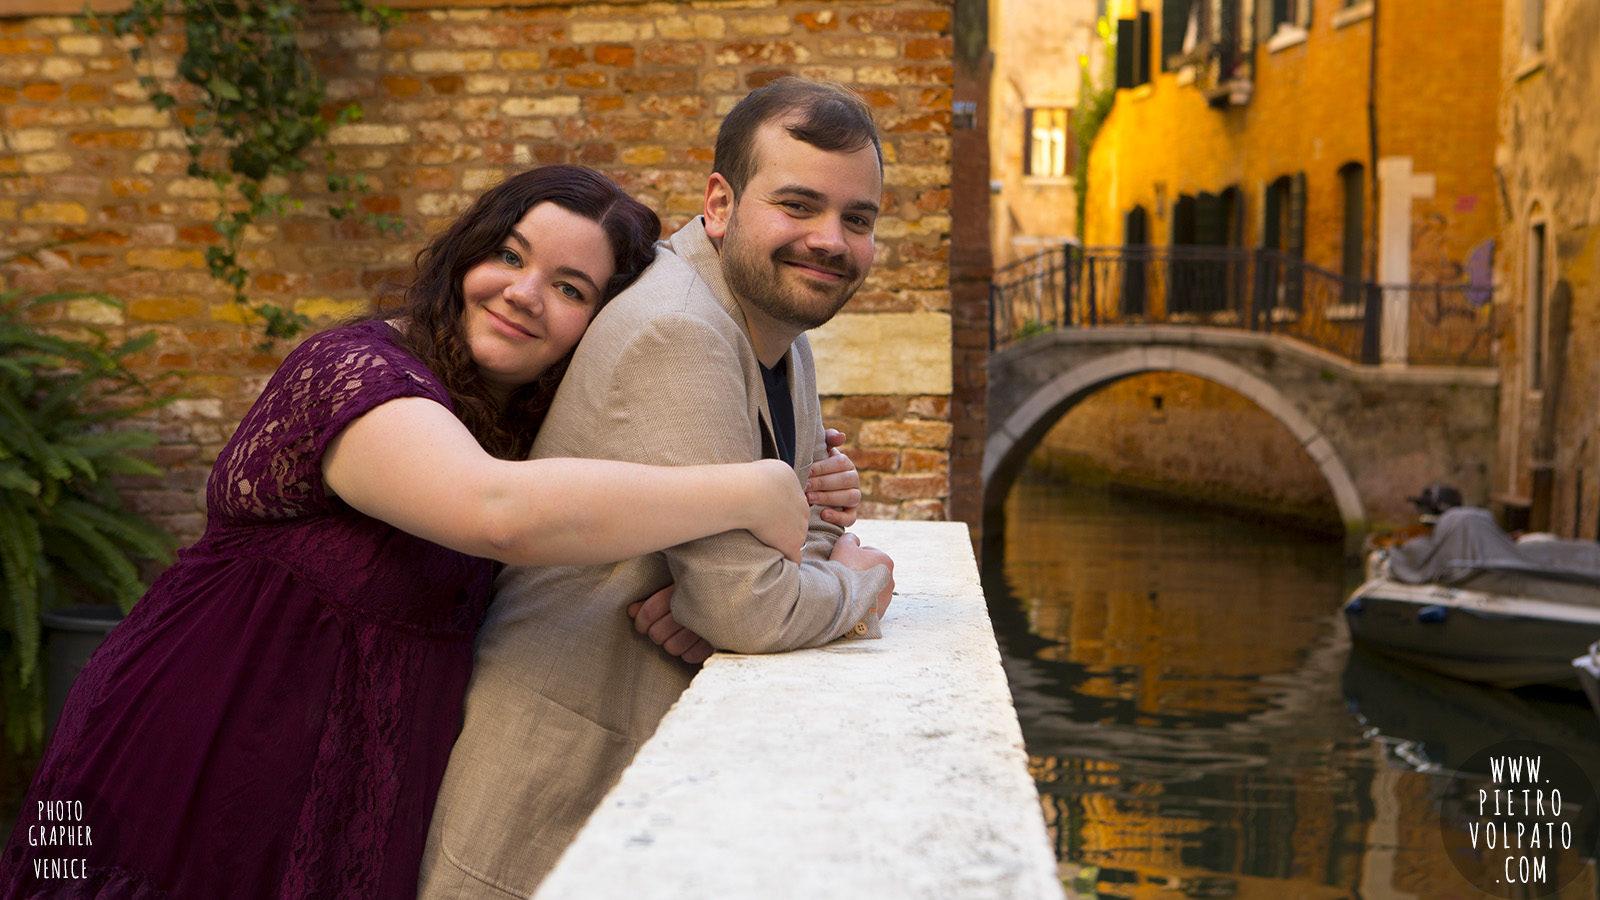 photographer-venice-photo-shoot-love-story-couple-vacation-20150908_01